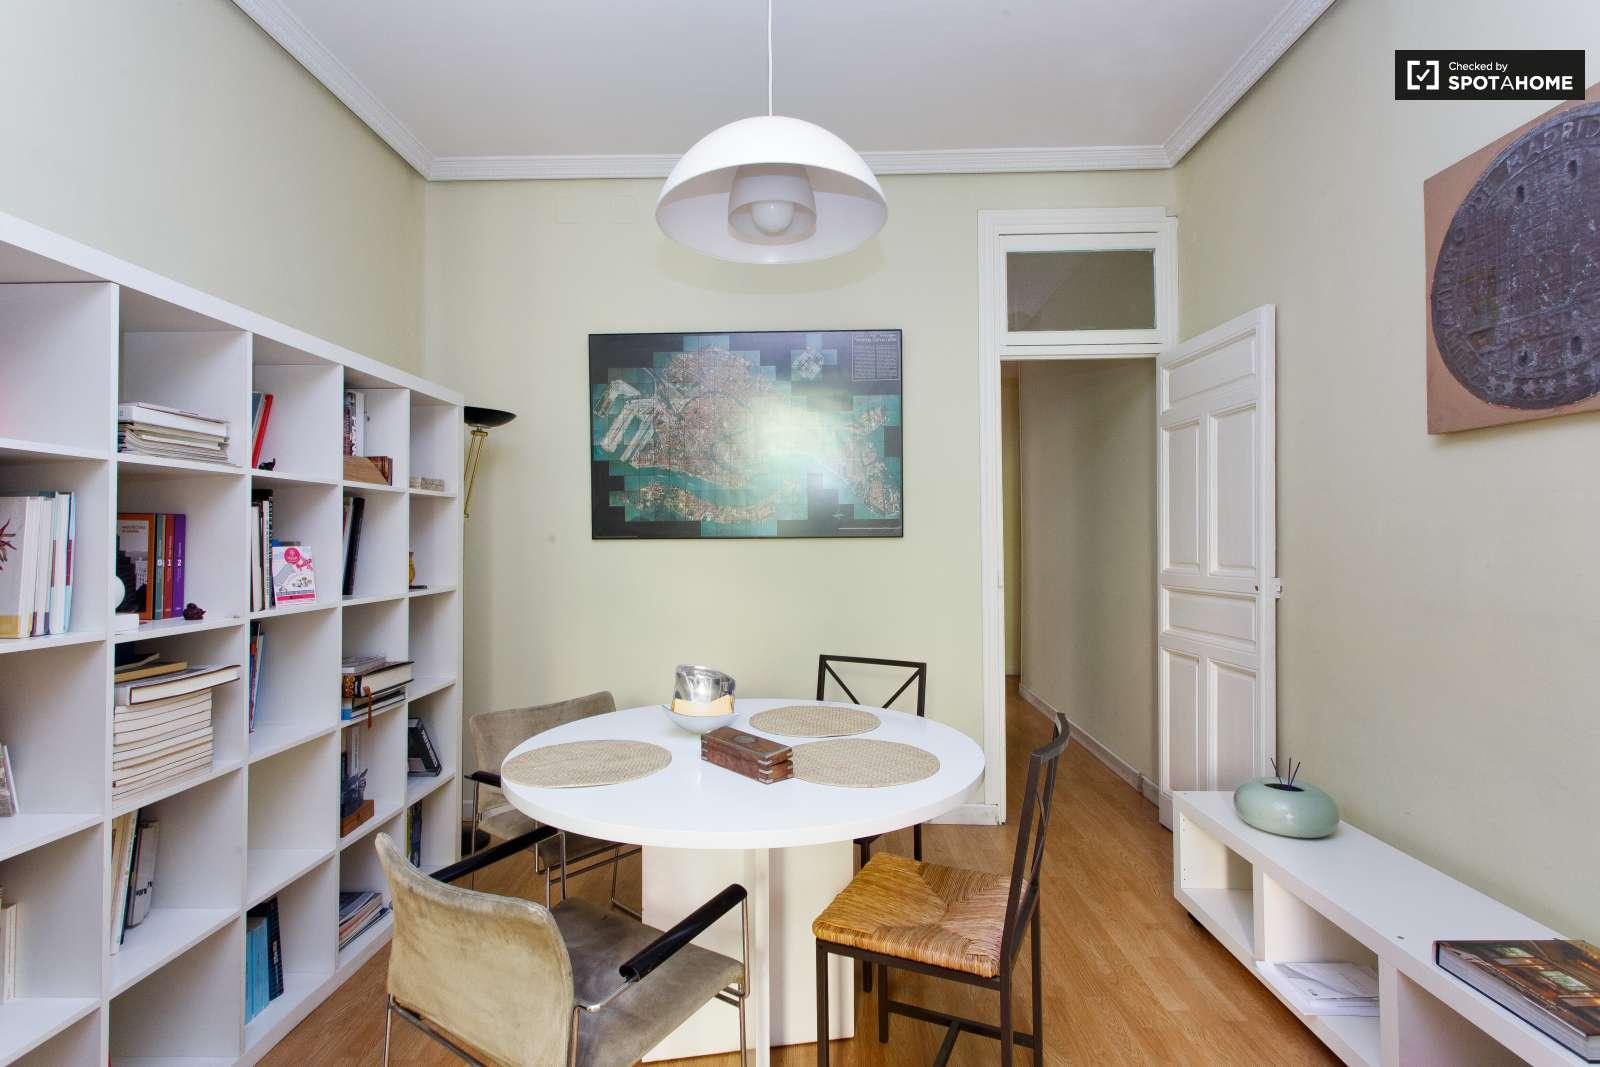 Piso de 1 habitaci n en alquiler en retiro madrid ref for Piso 1 habitacion